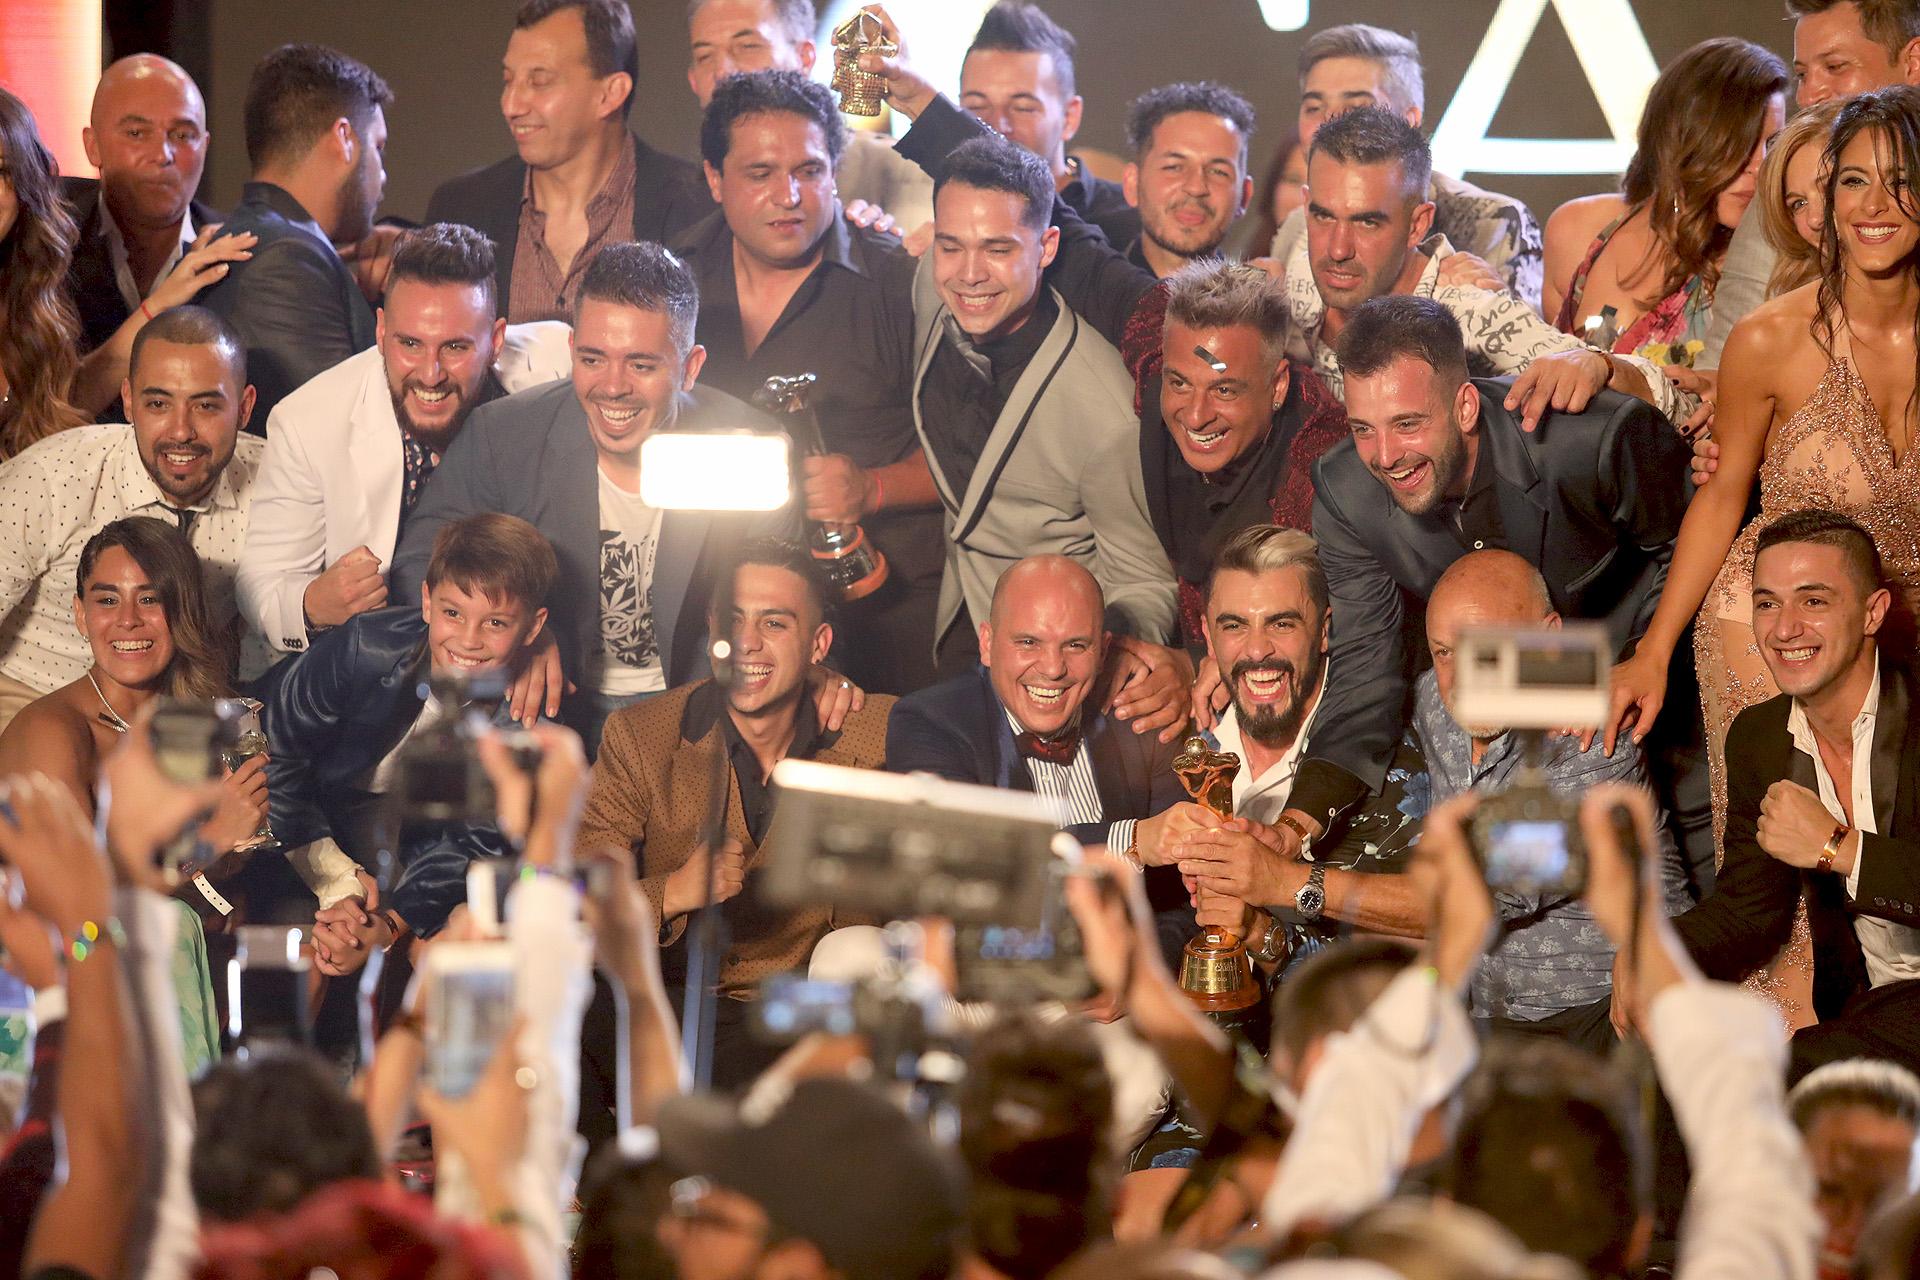 La felicidad de Bien Argentino, tras recibir el Oro (Fotos: Mario Sar / Teleshow)